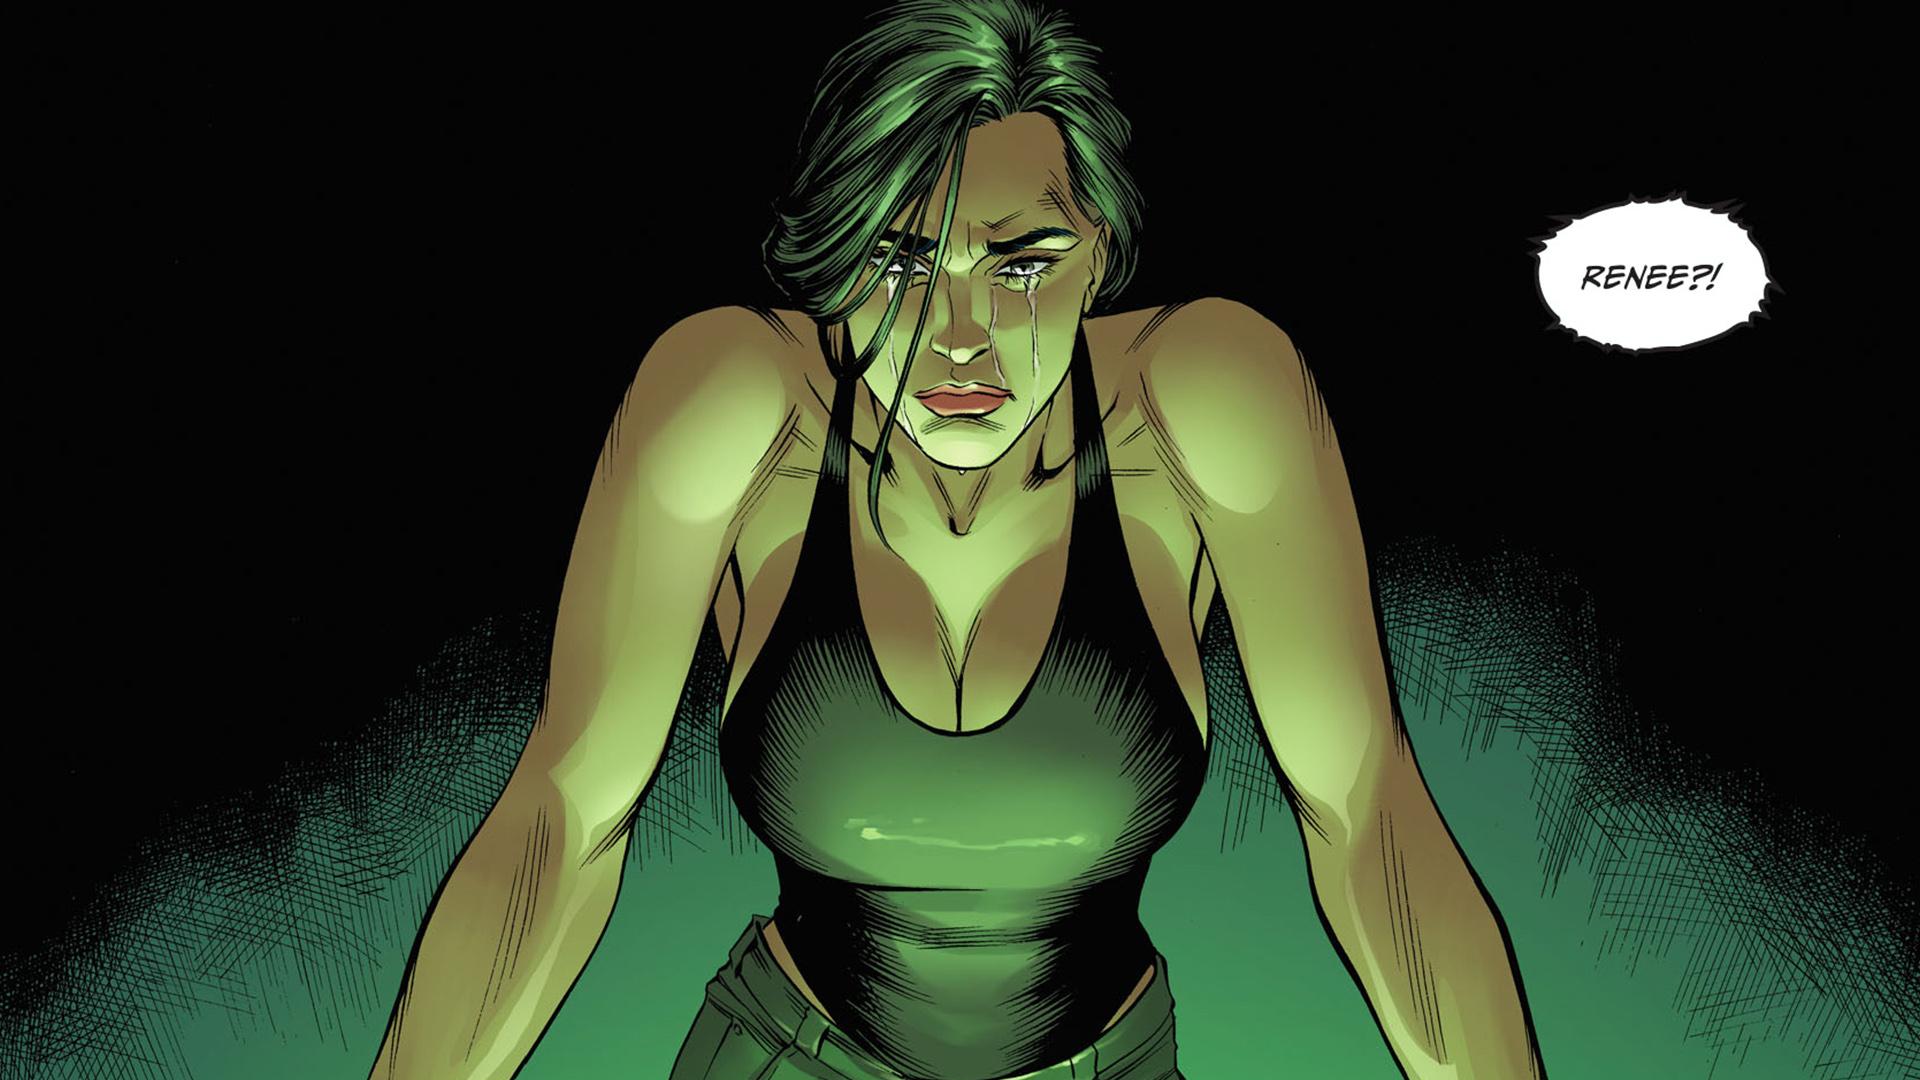 Renee Montoya of DC Comics and Birds of Prey